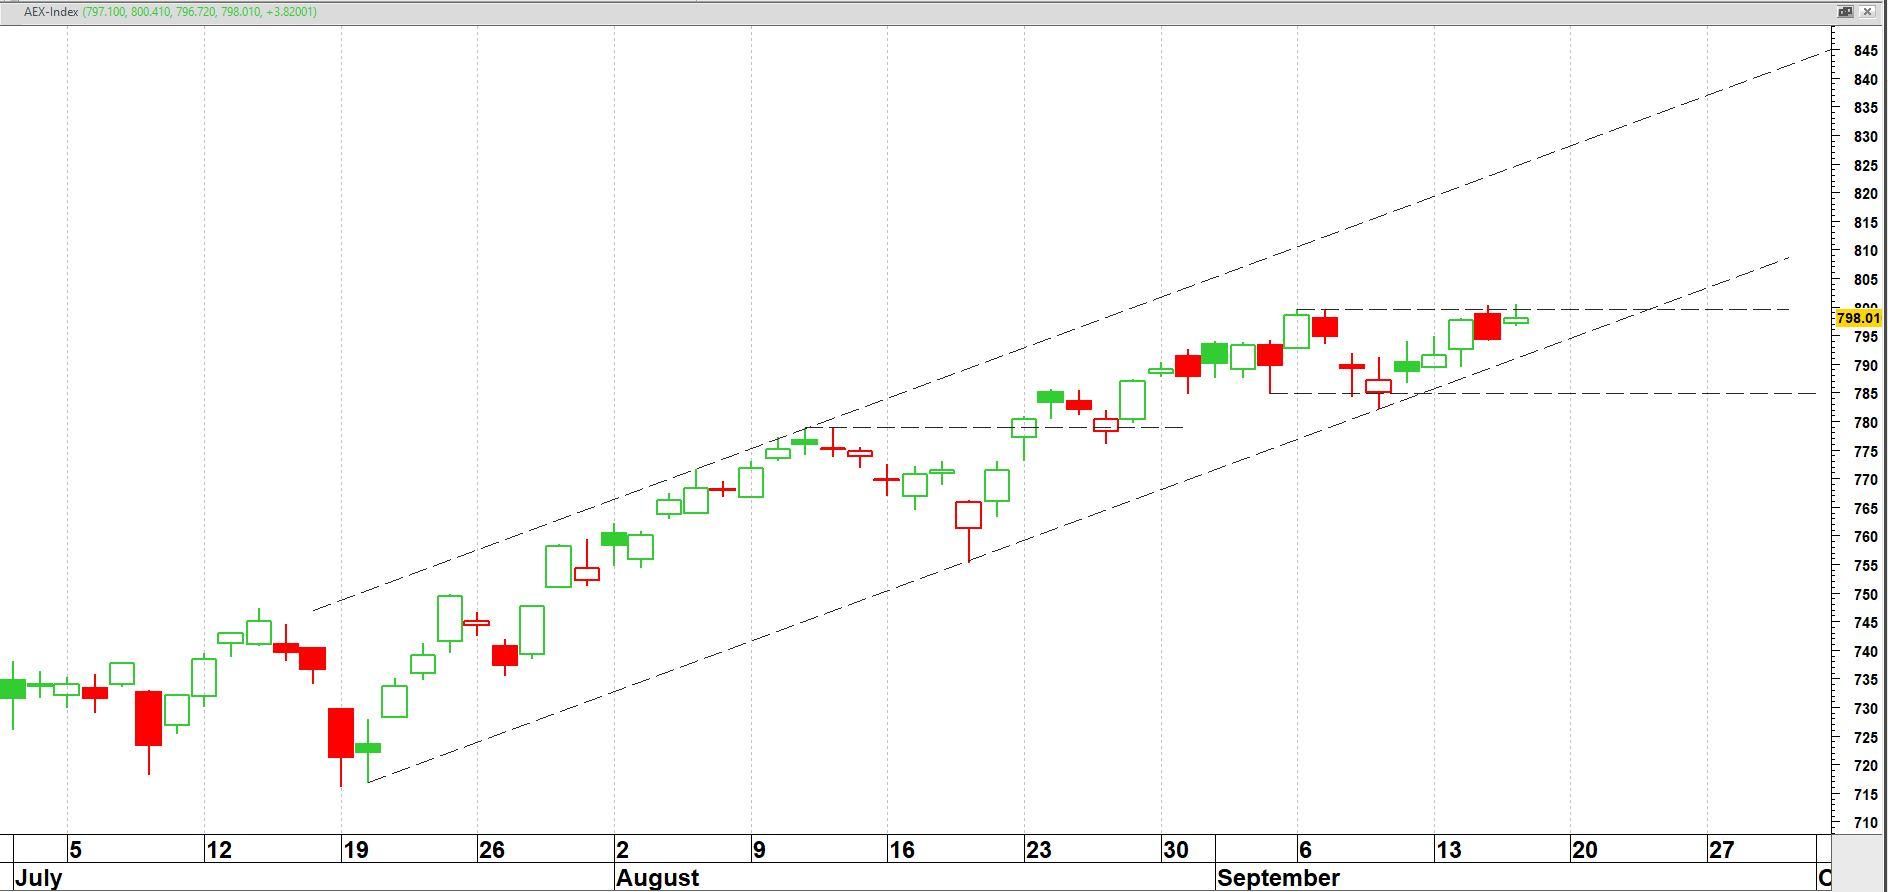 AEX-index op dagbasis vanaf juli 2021